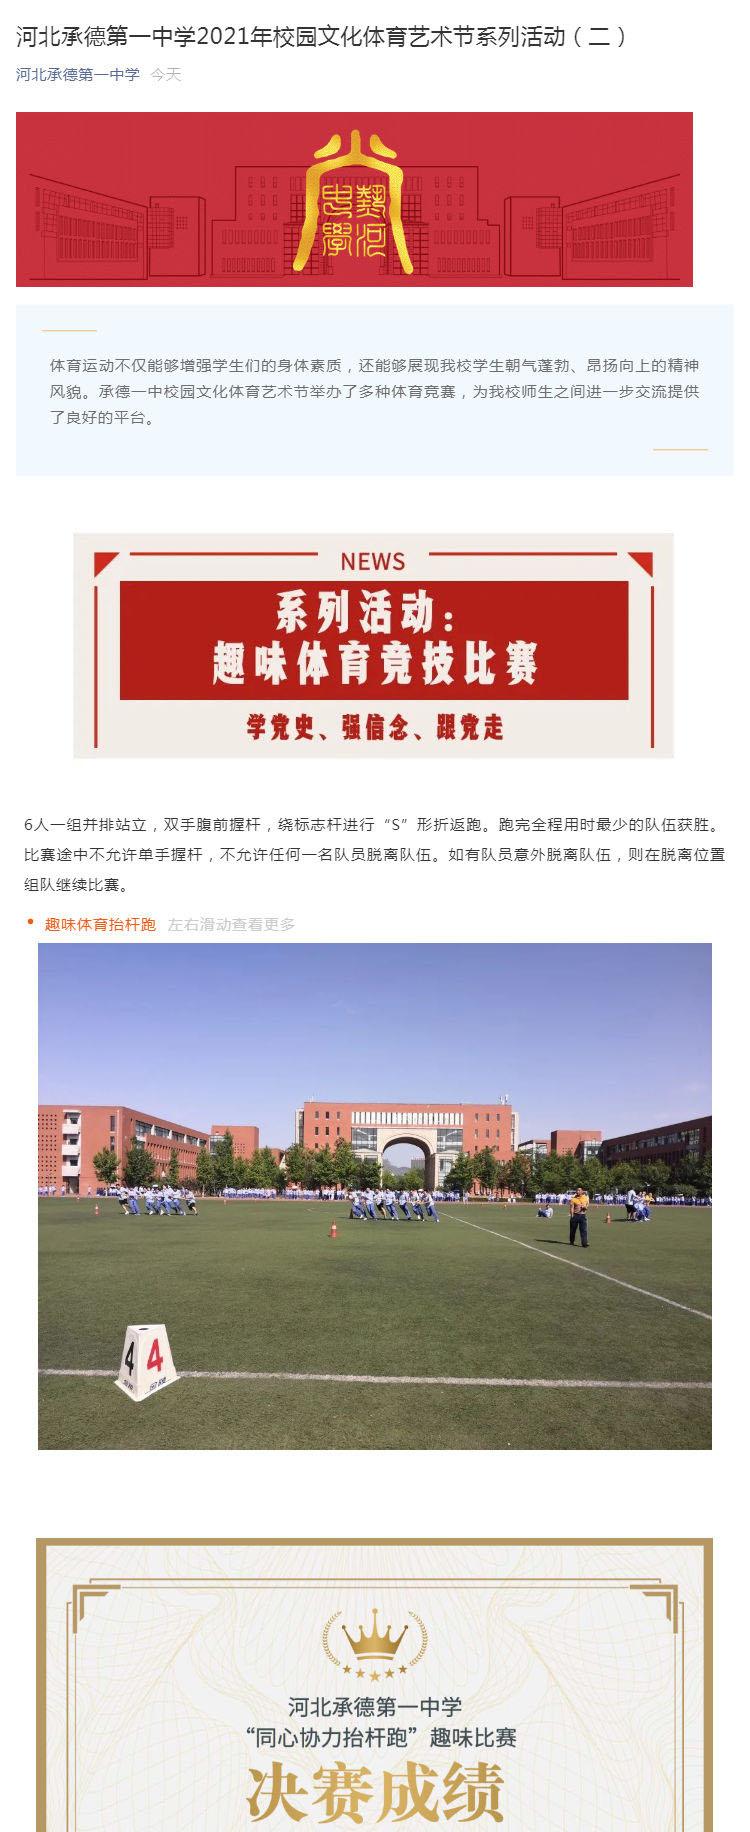 河北承德第一中学2021年校园文化体育艺术节系列勾当(二)_壹伴长图1.jpg